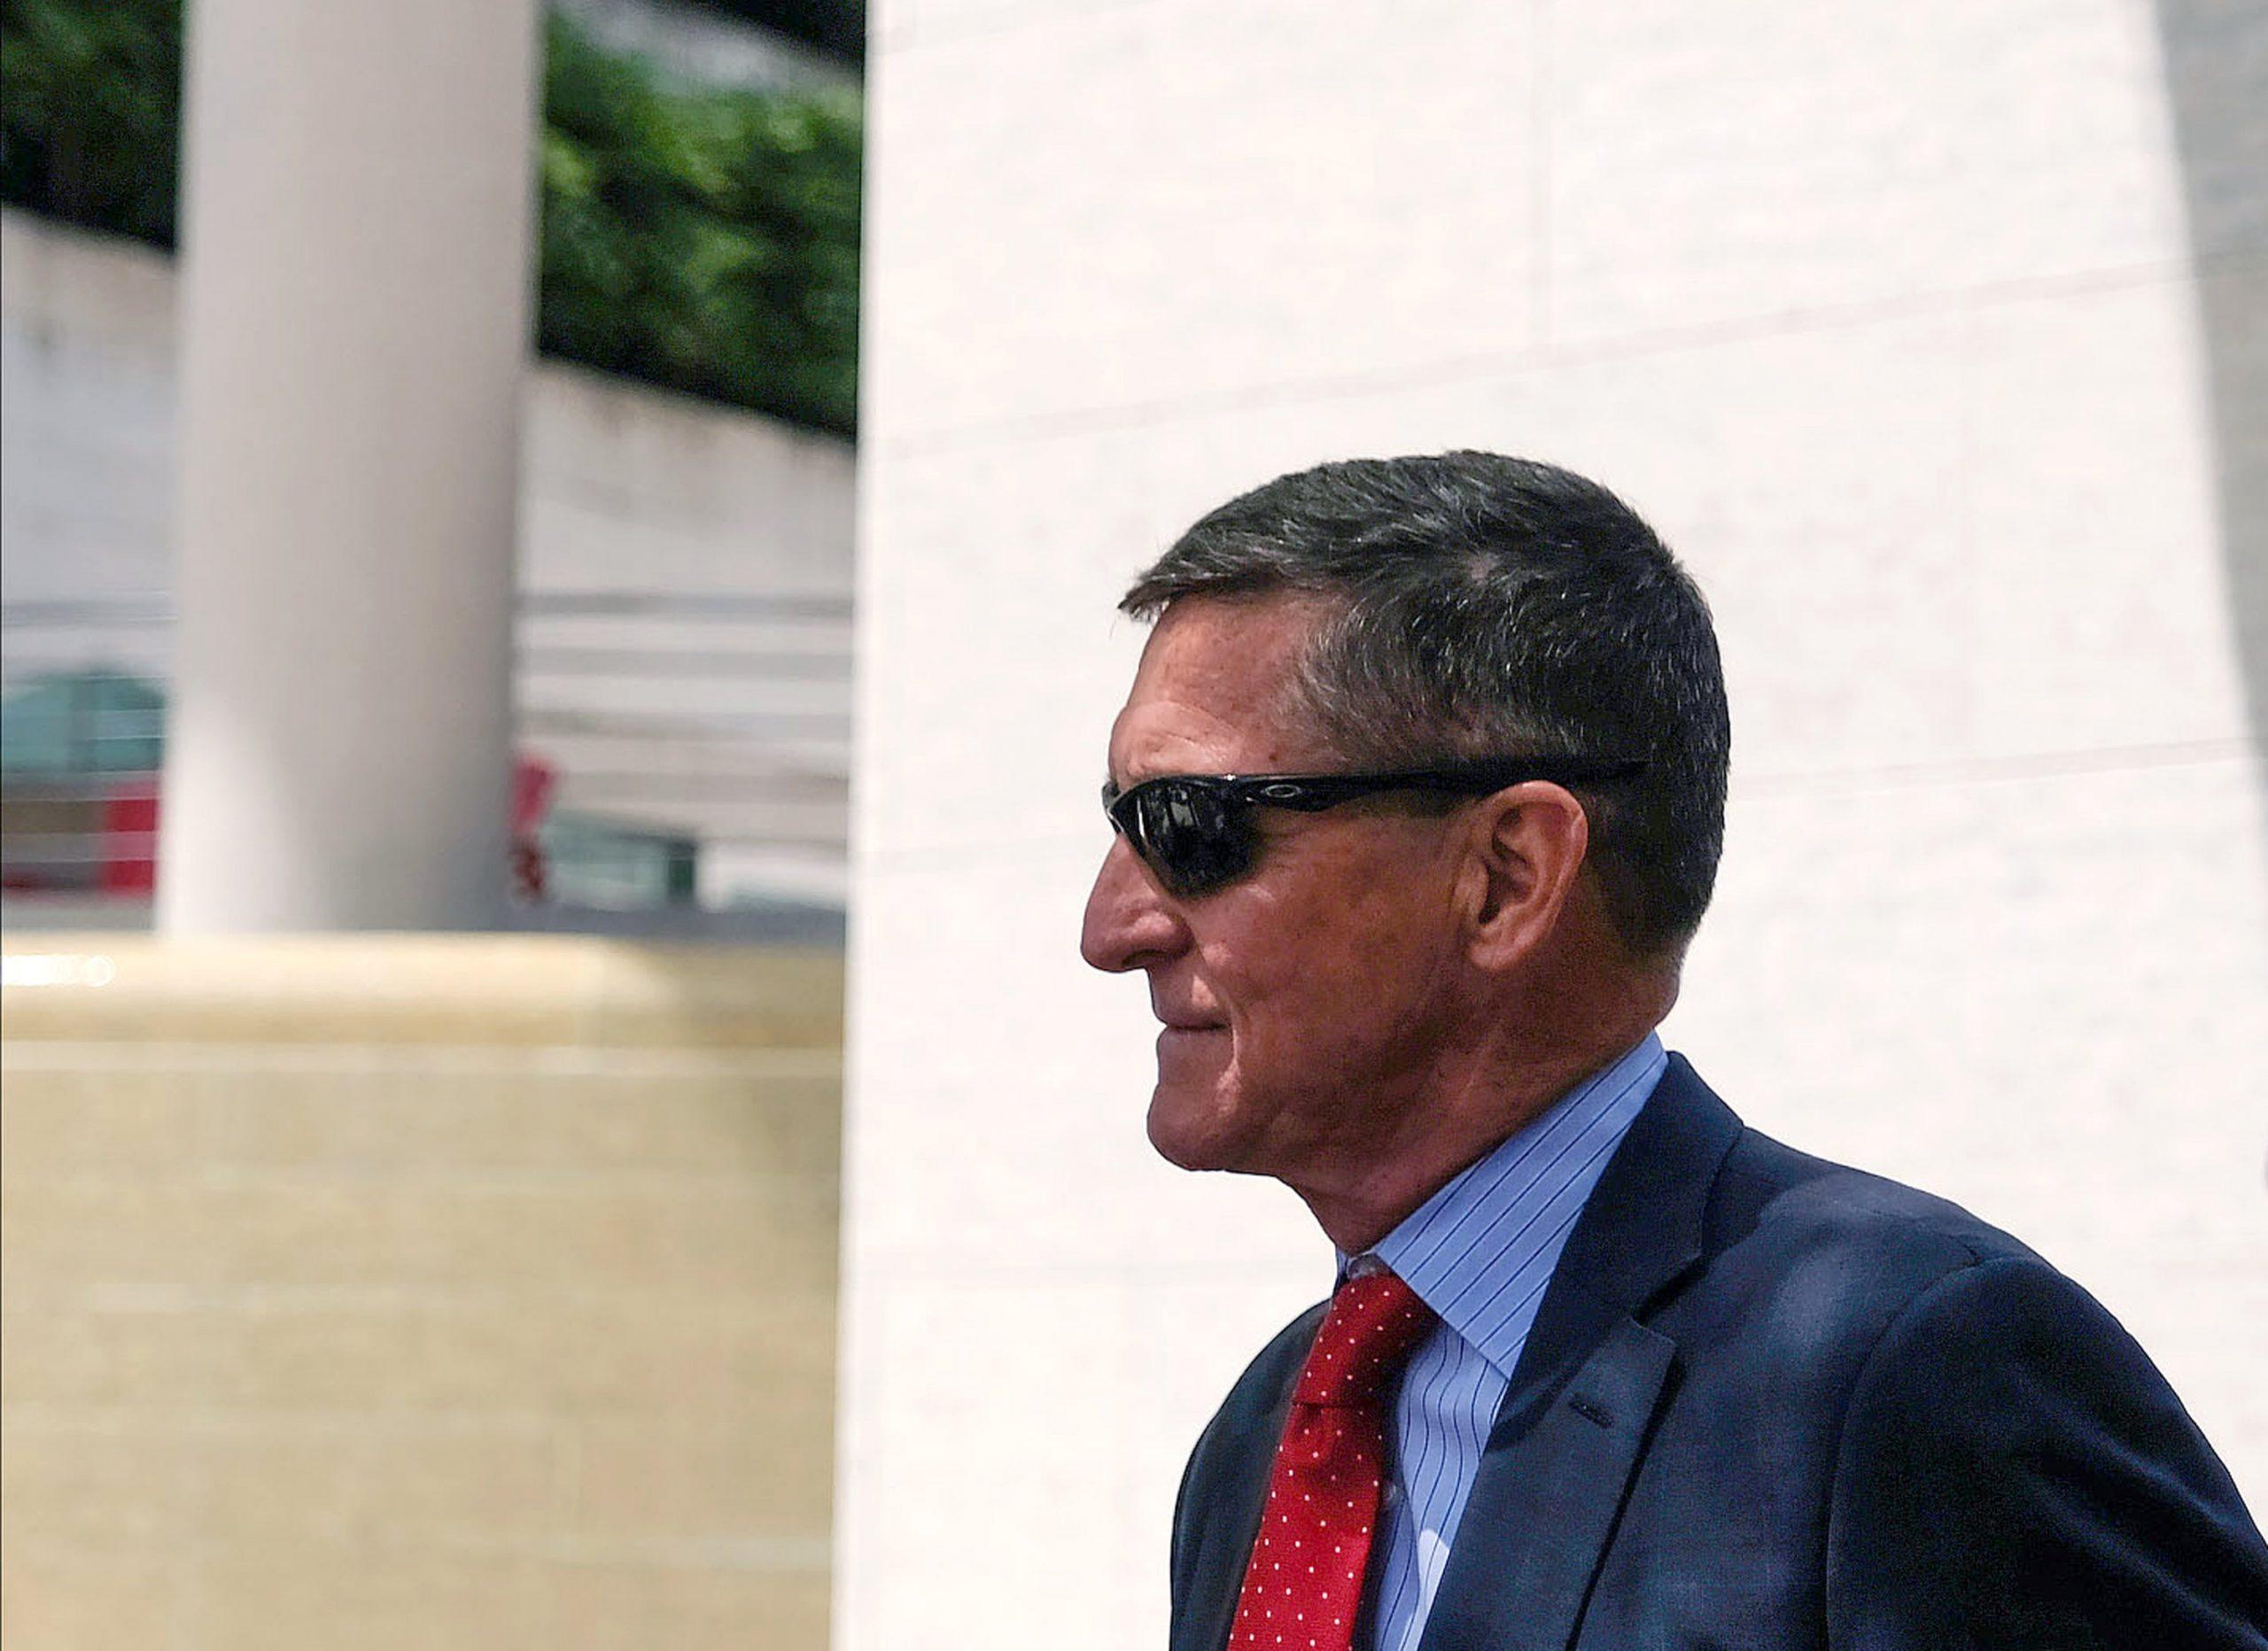 Michael Flynn: Trump's pardon disgraced his former aide